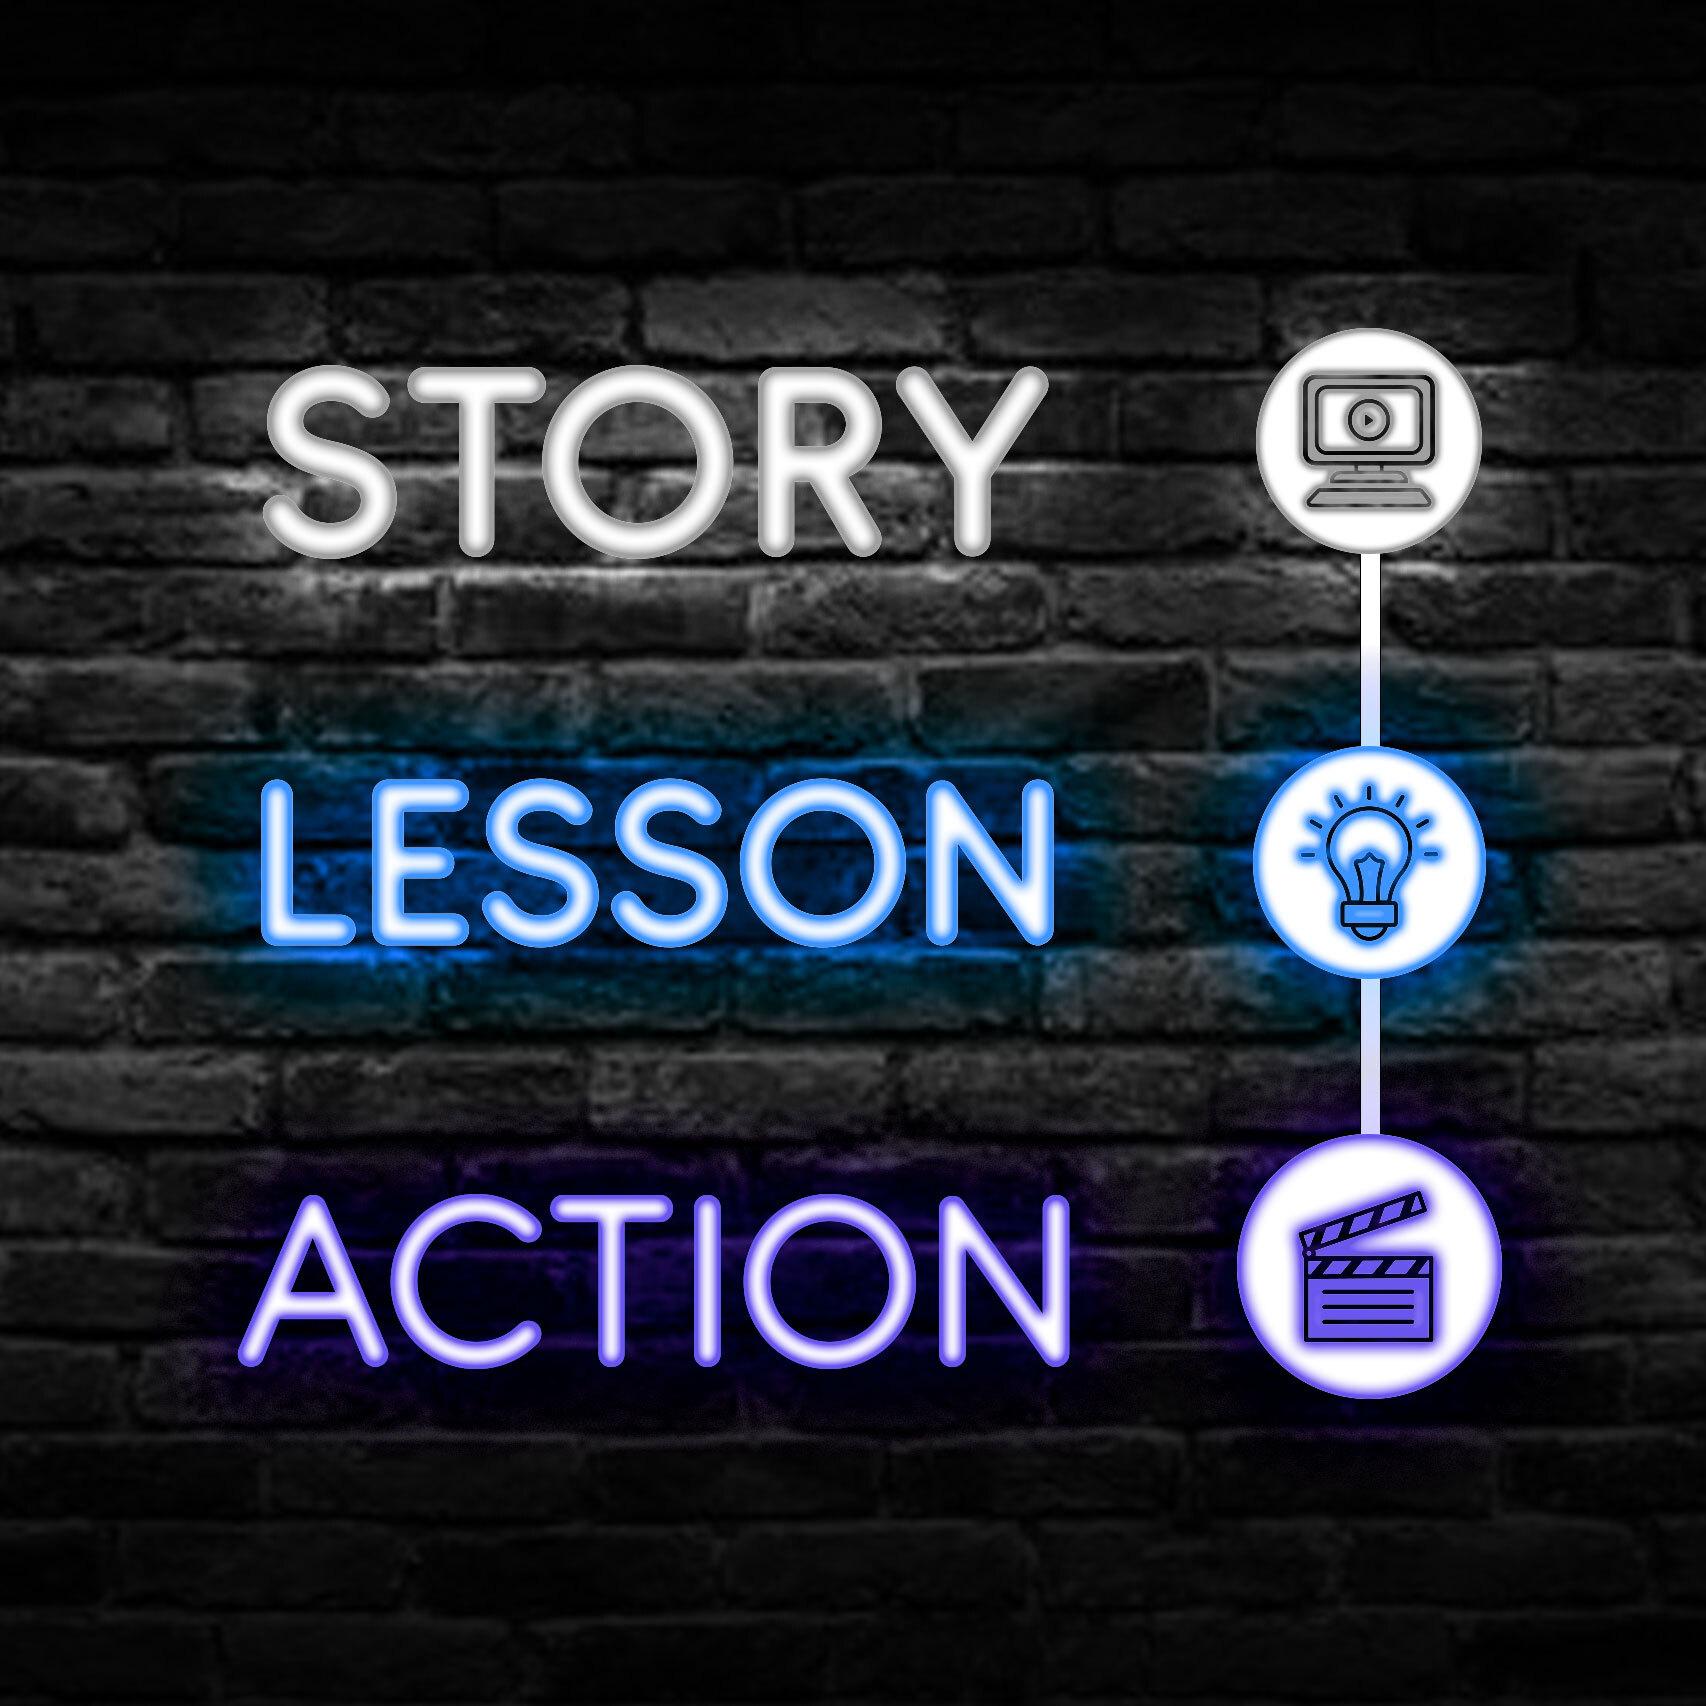 Story_Lesson_Action_V2